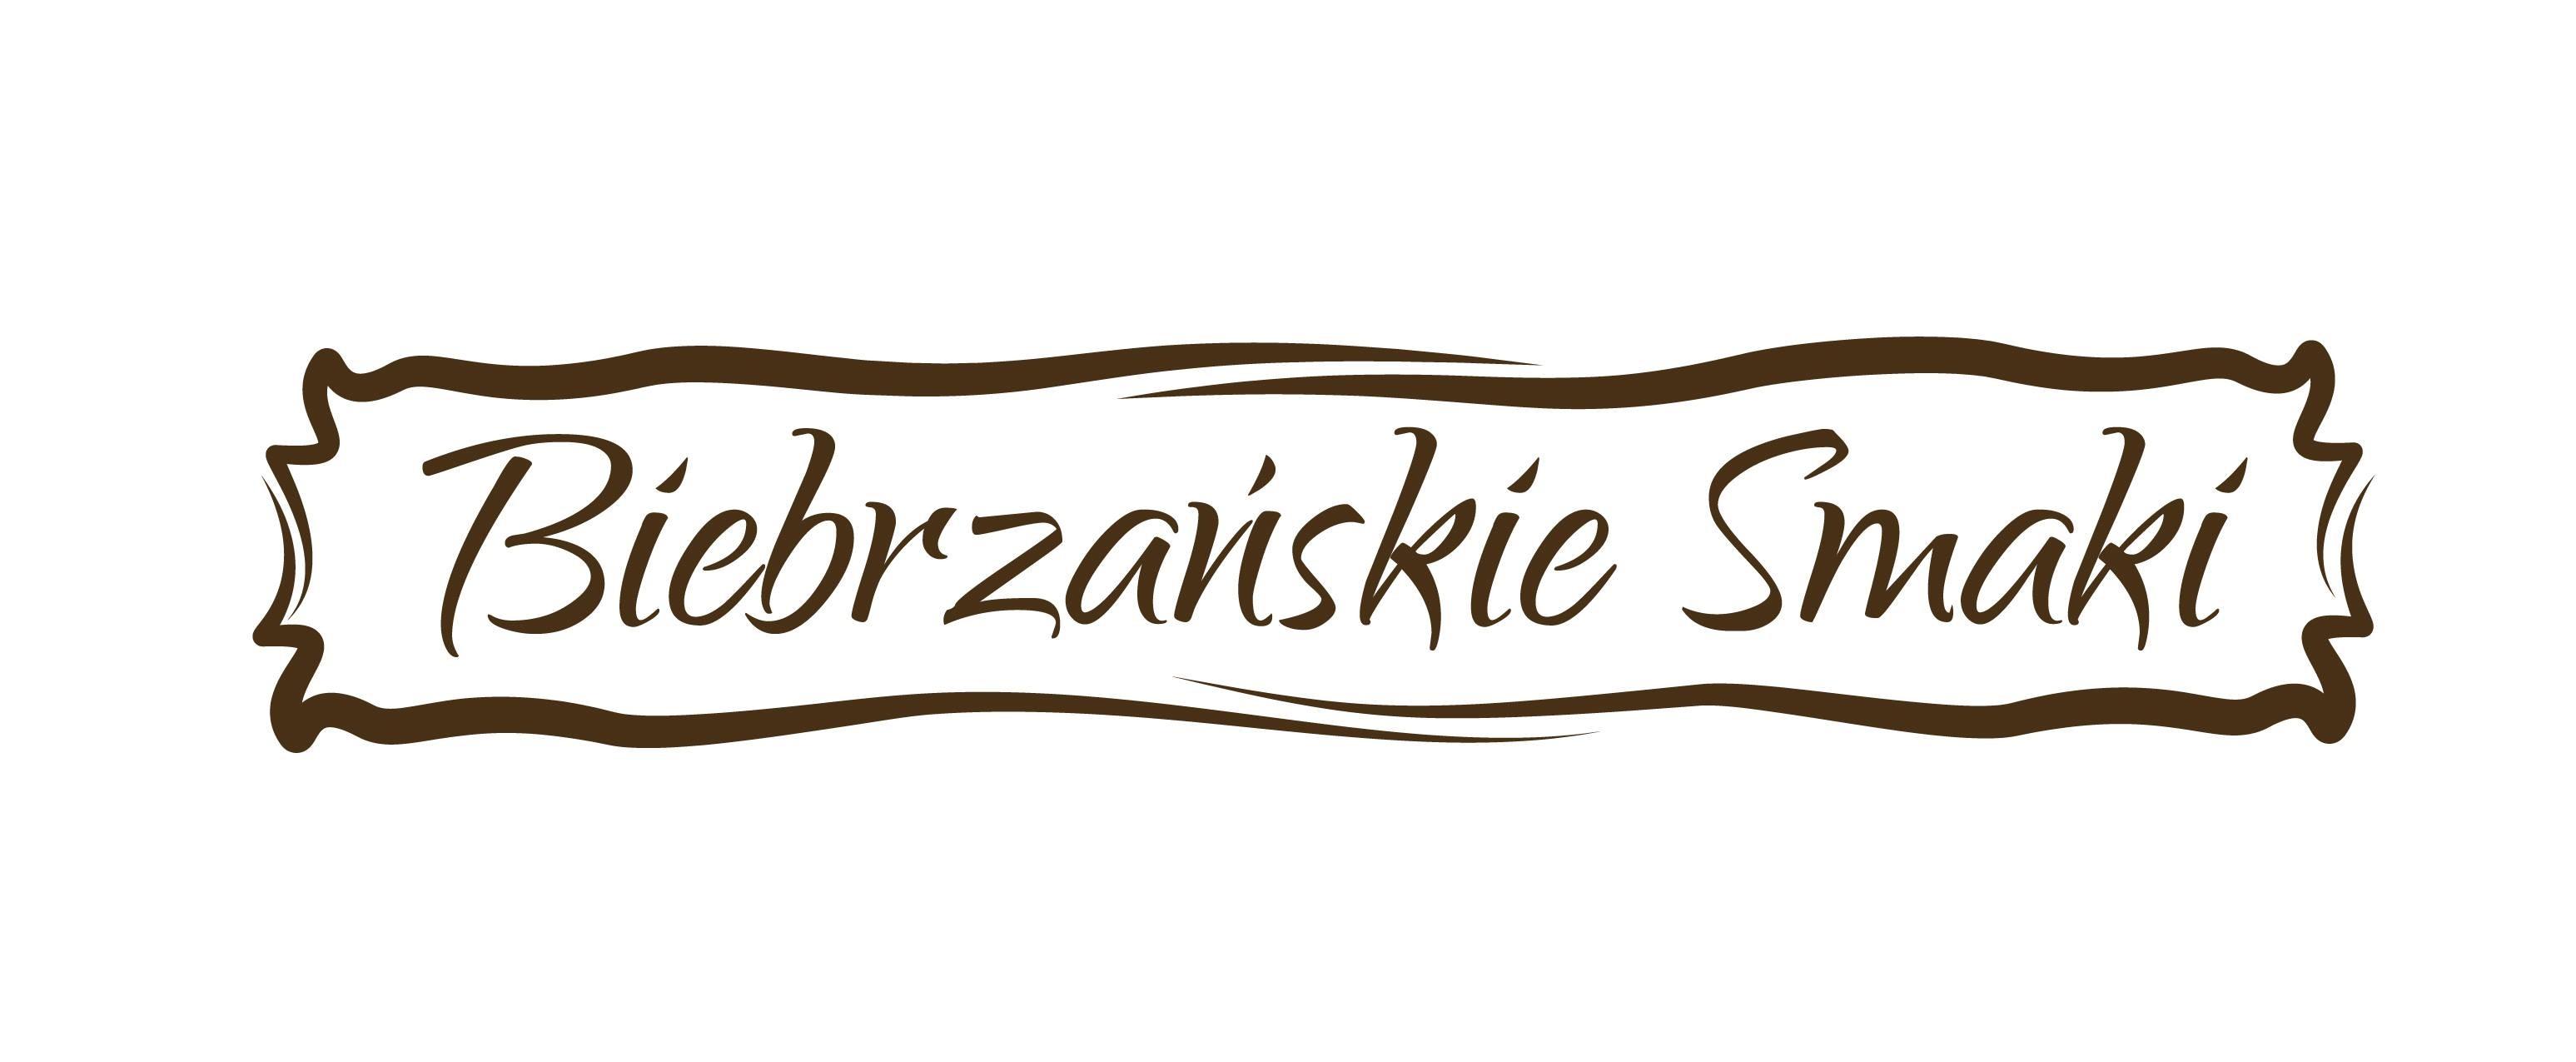 Masarnia Biebrzańskie Smaki Małgorzata Wojtach